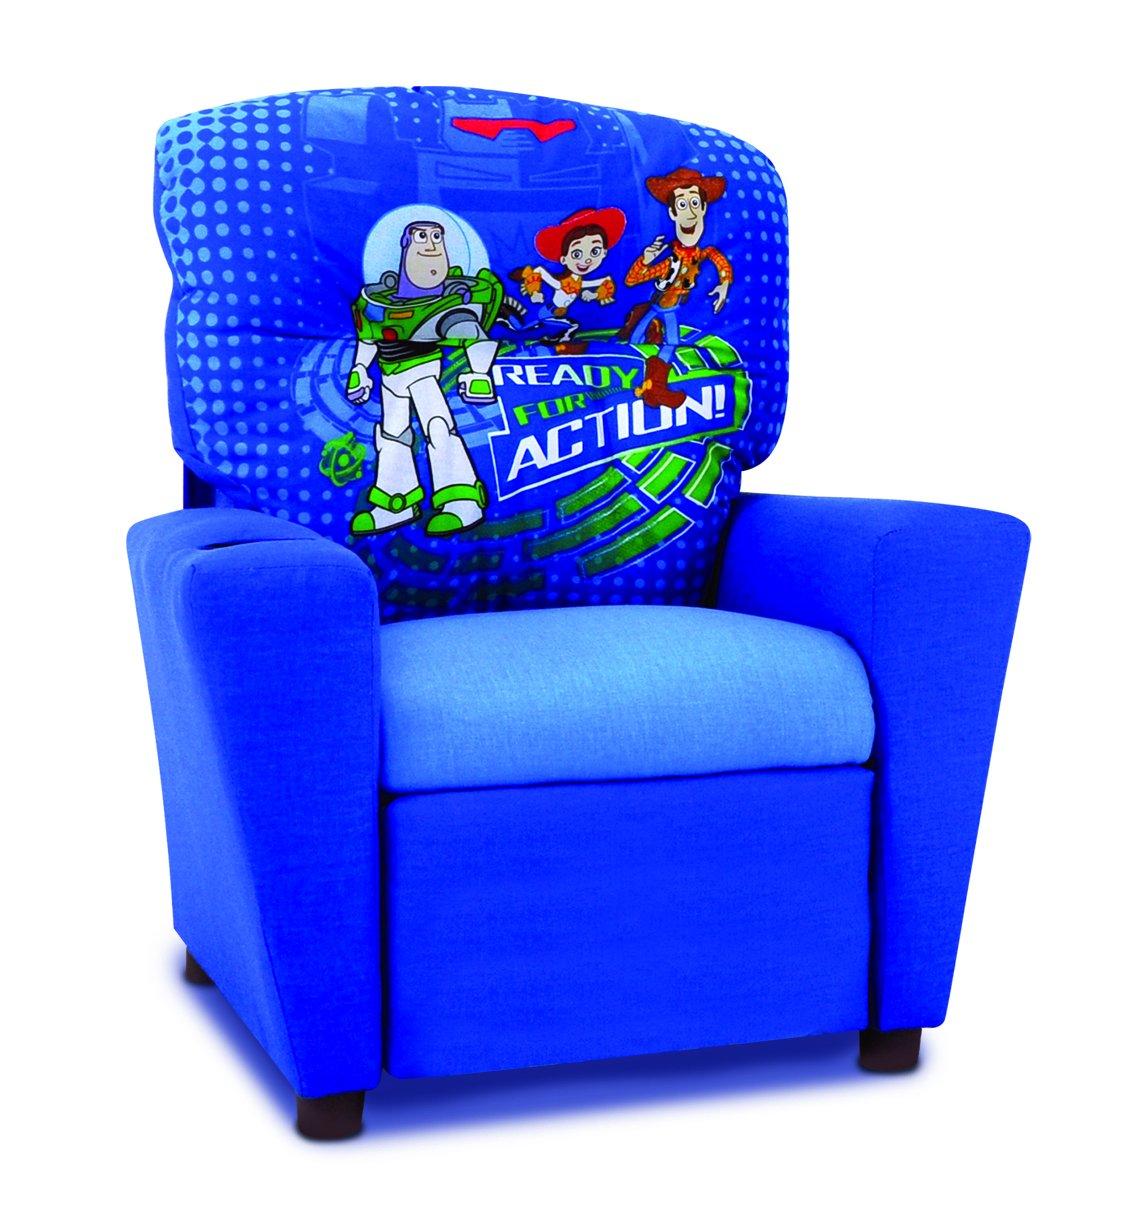 Kidz World Toy Story 3 Kids Recliner in Blue 446459